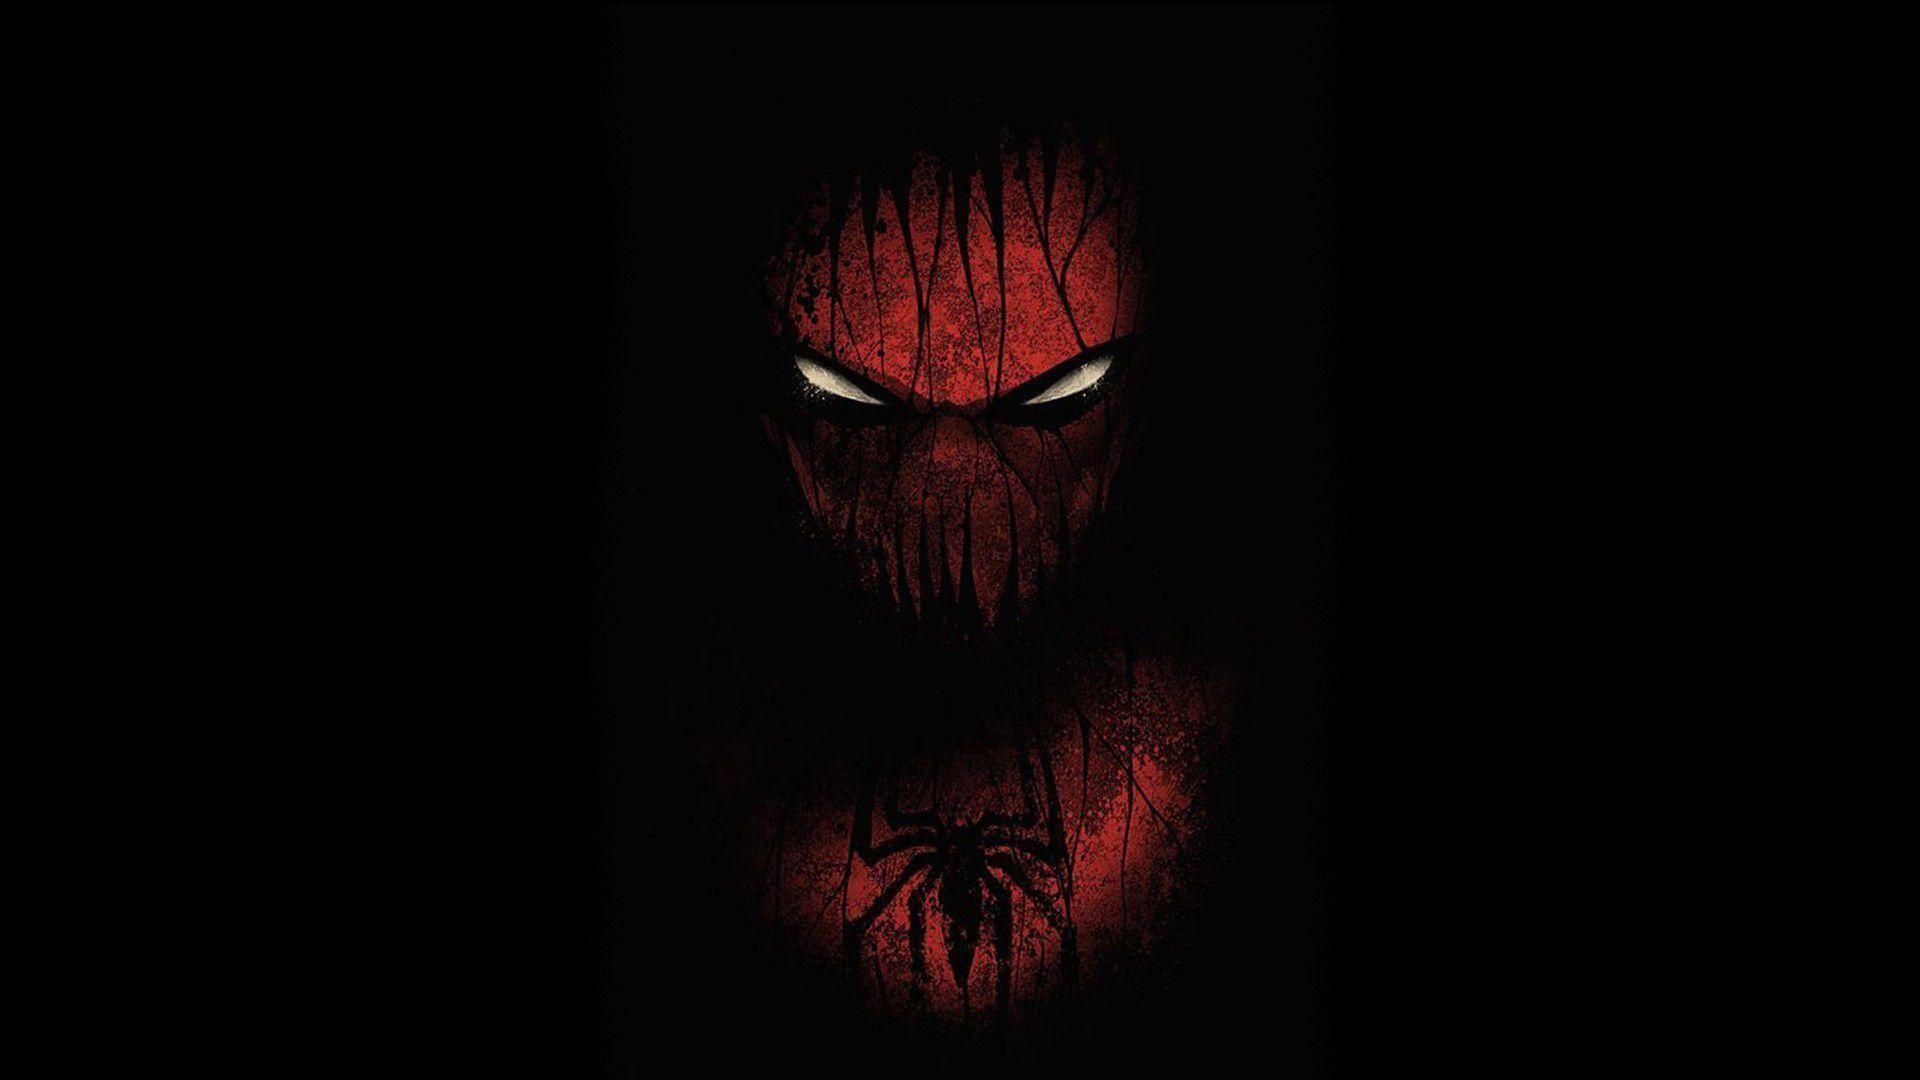 Spider-Man Black Marvel superman superhero wallpaper | .